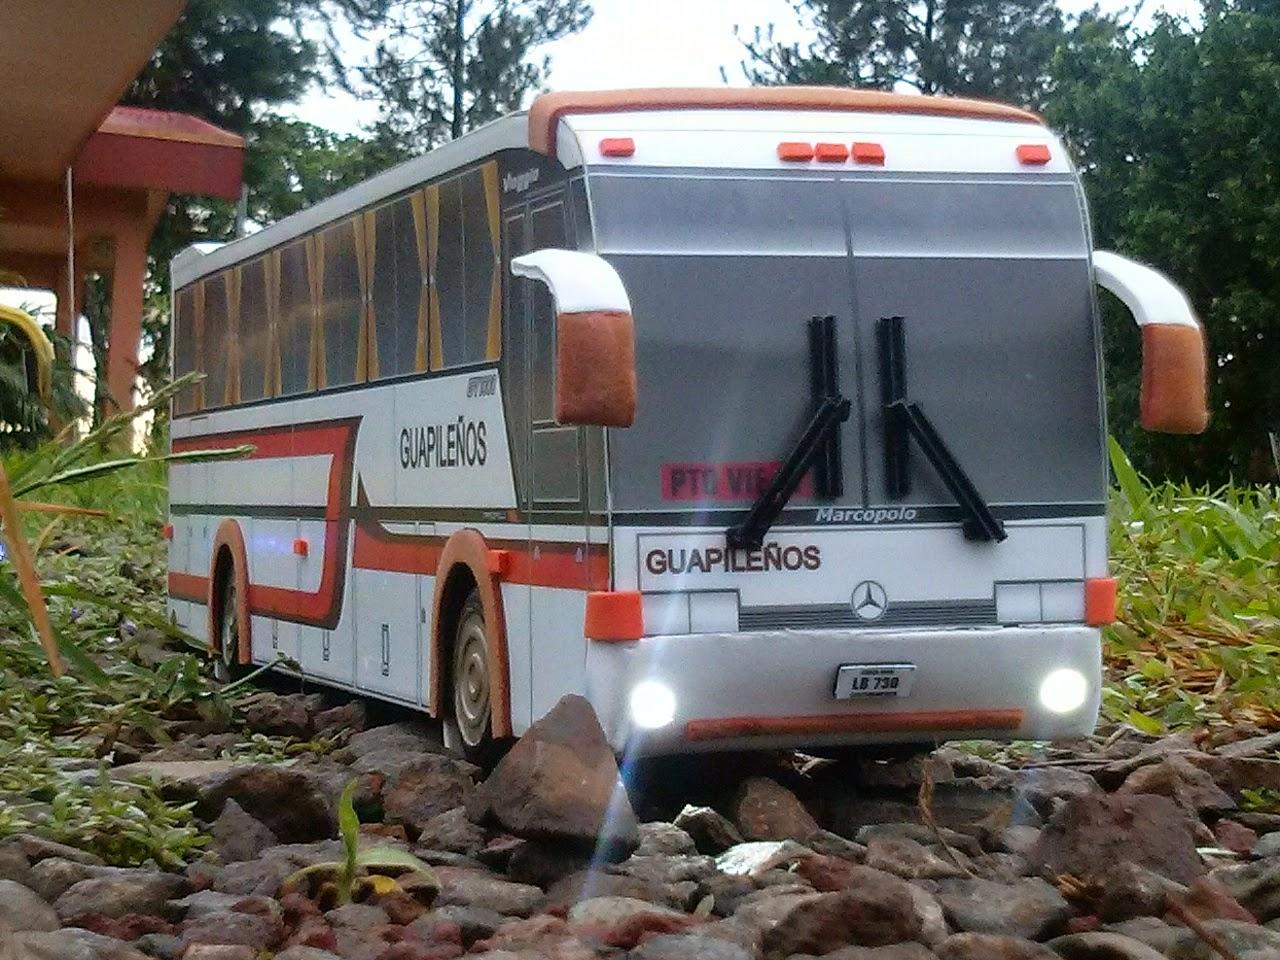 Autobuses a Escala